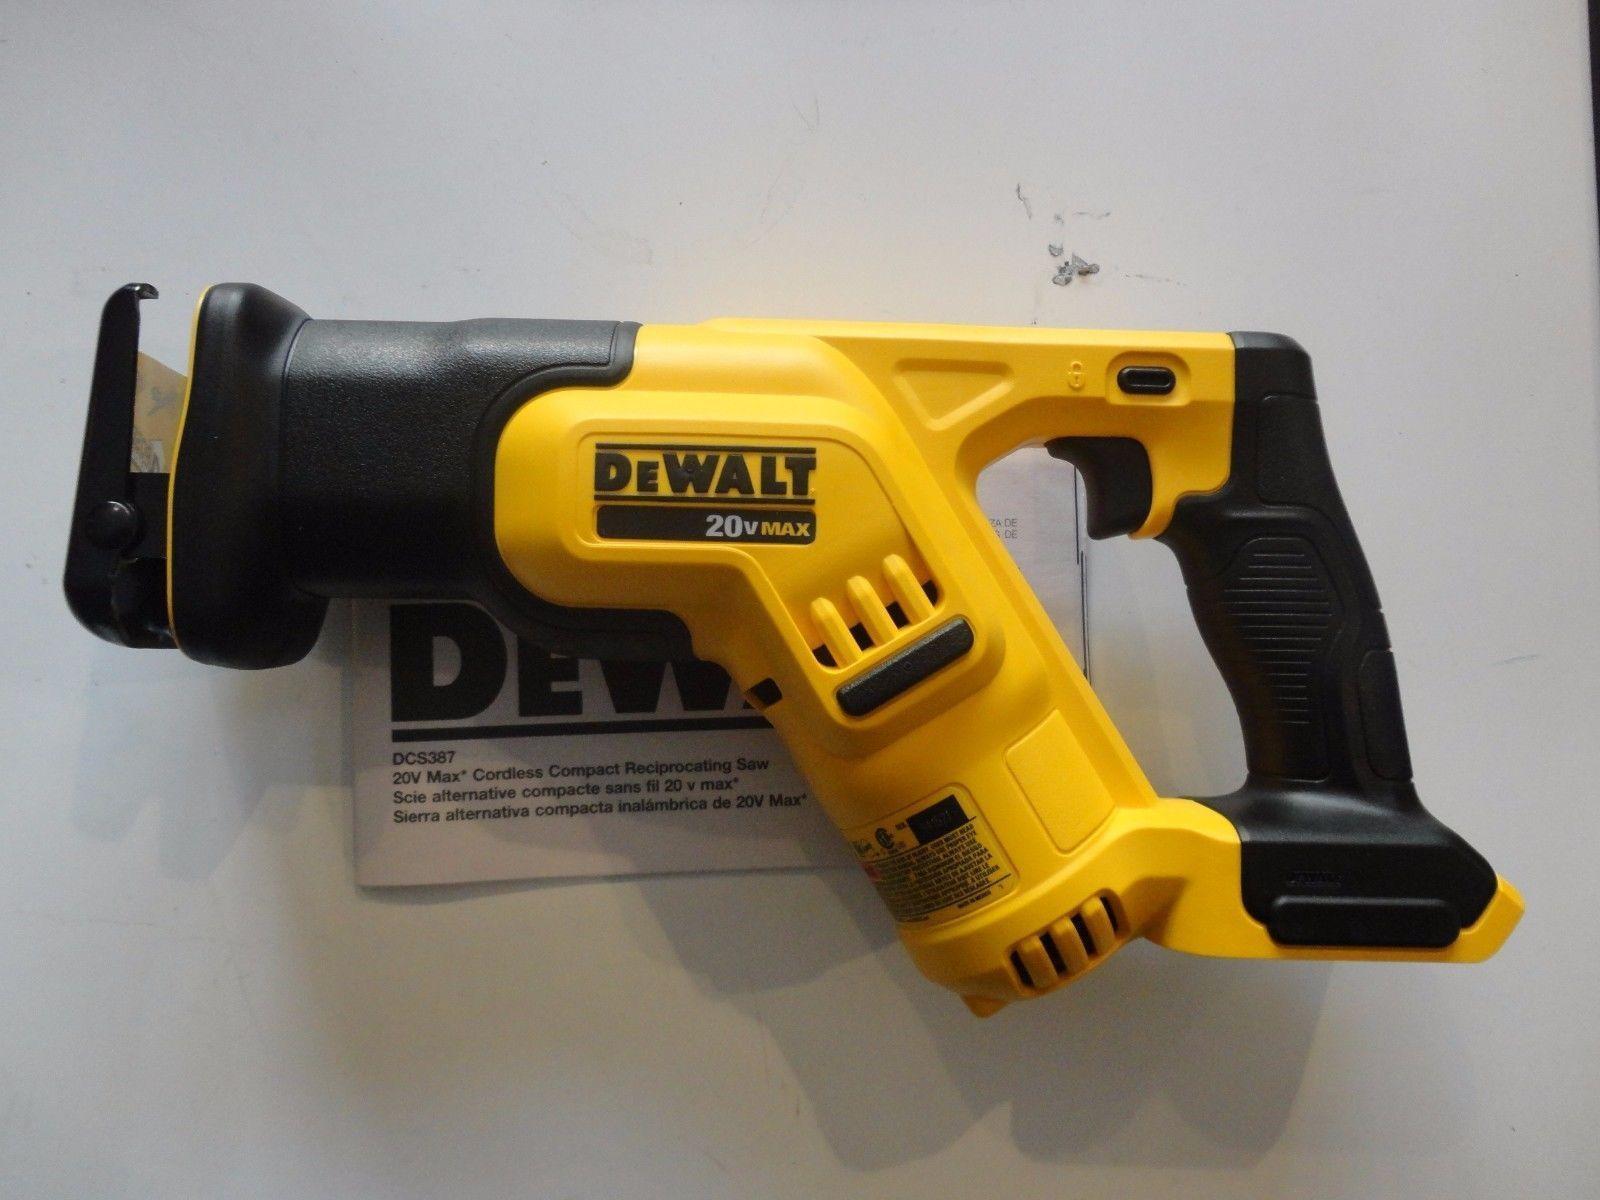 Dewalt Dcs387b 20v 20 Volt Max Li Ion Compact Reciprocating Saw Tool Only Saw Tool Dewalt Reciprocating Saw